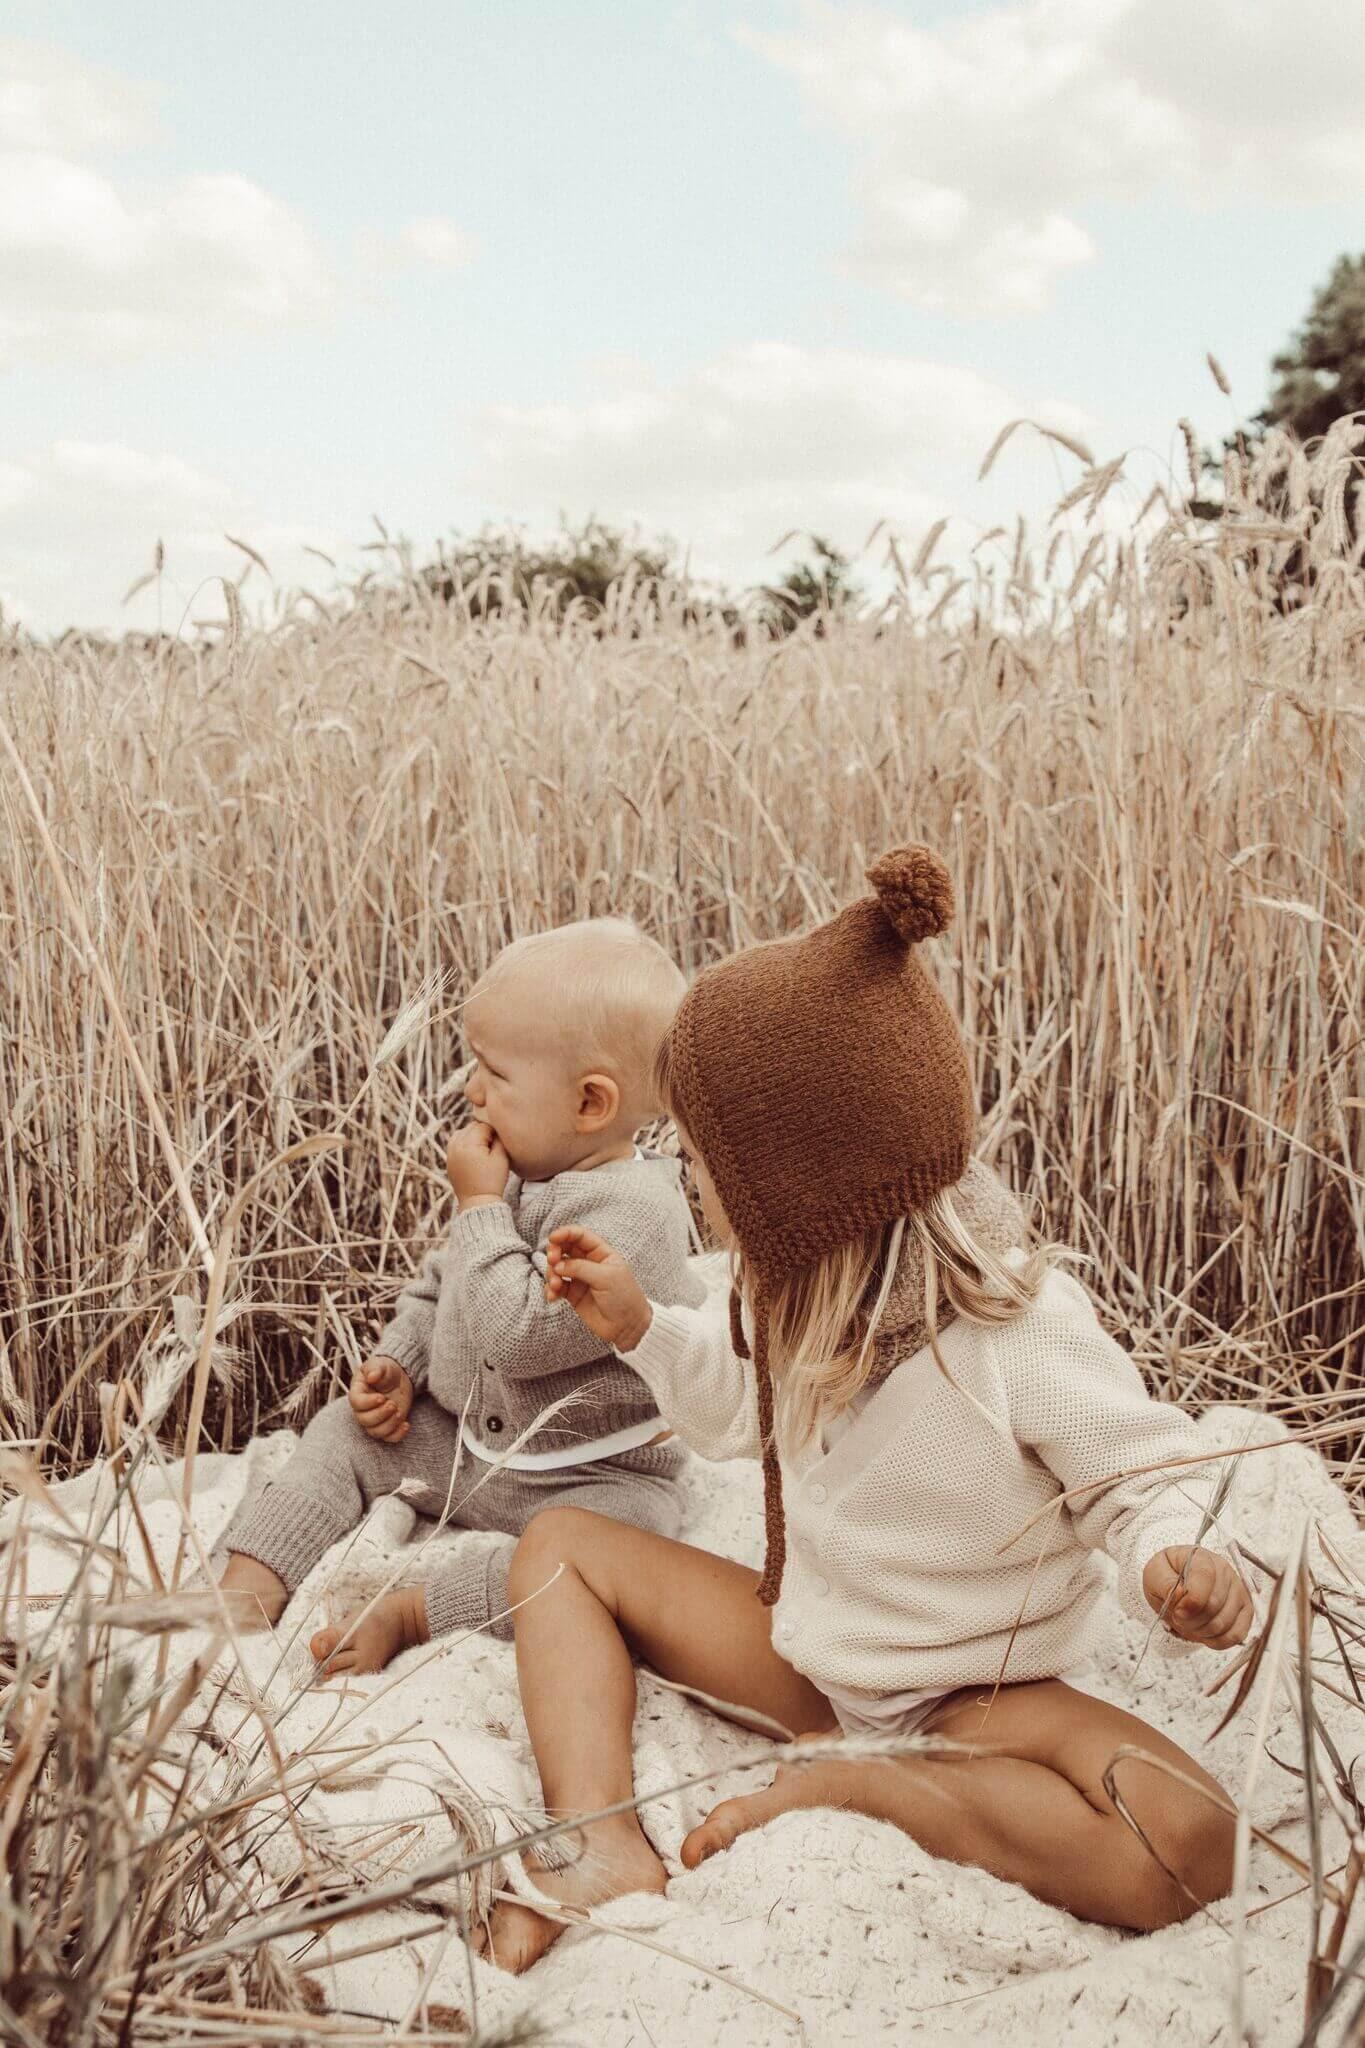 knitwear for little people